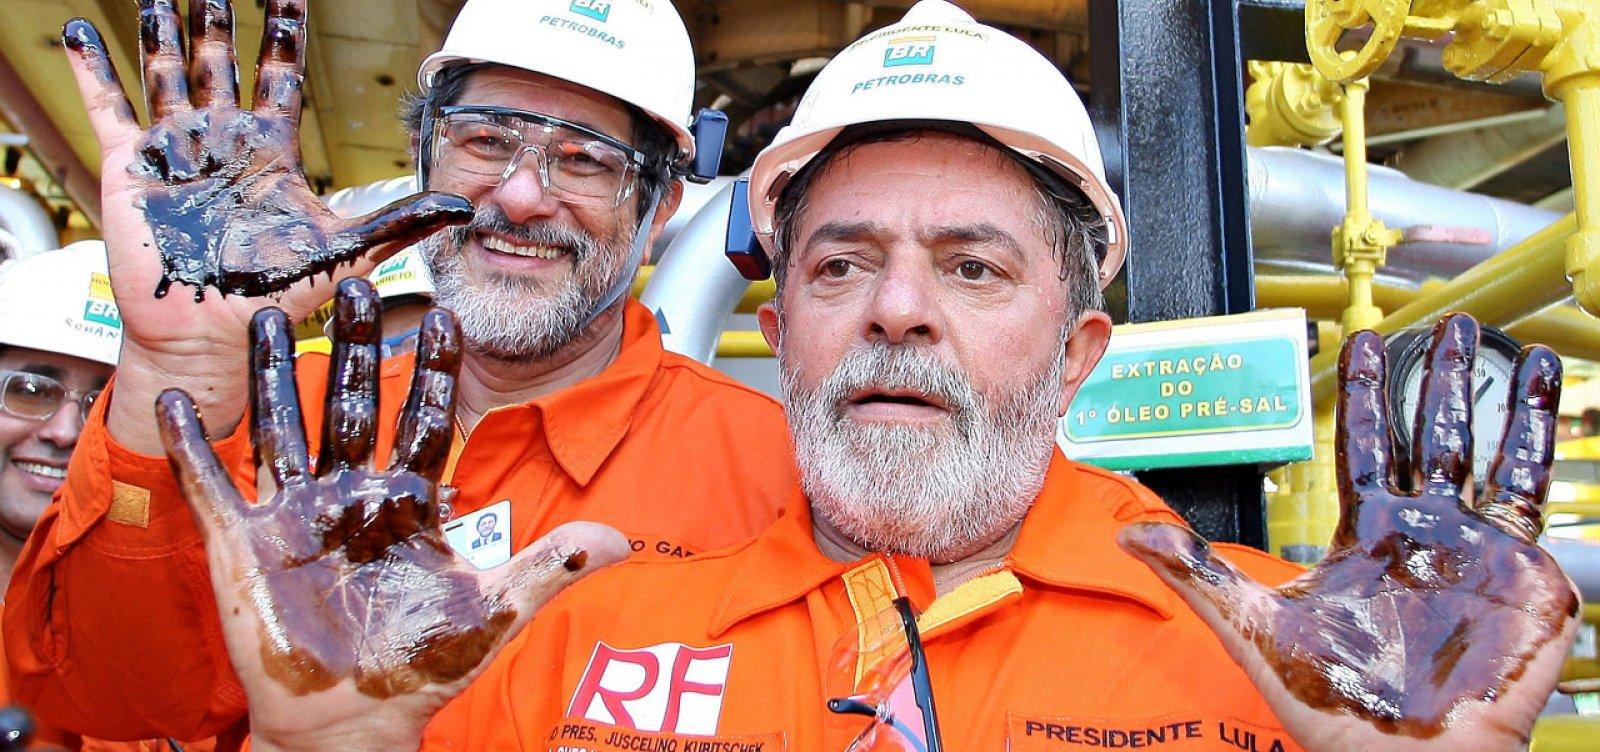 [Palocci diz que Lula sabia da corrupção na Petrobras desde 2007]